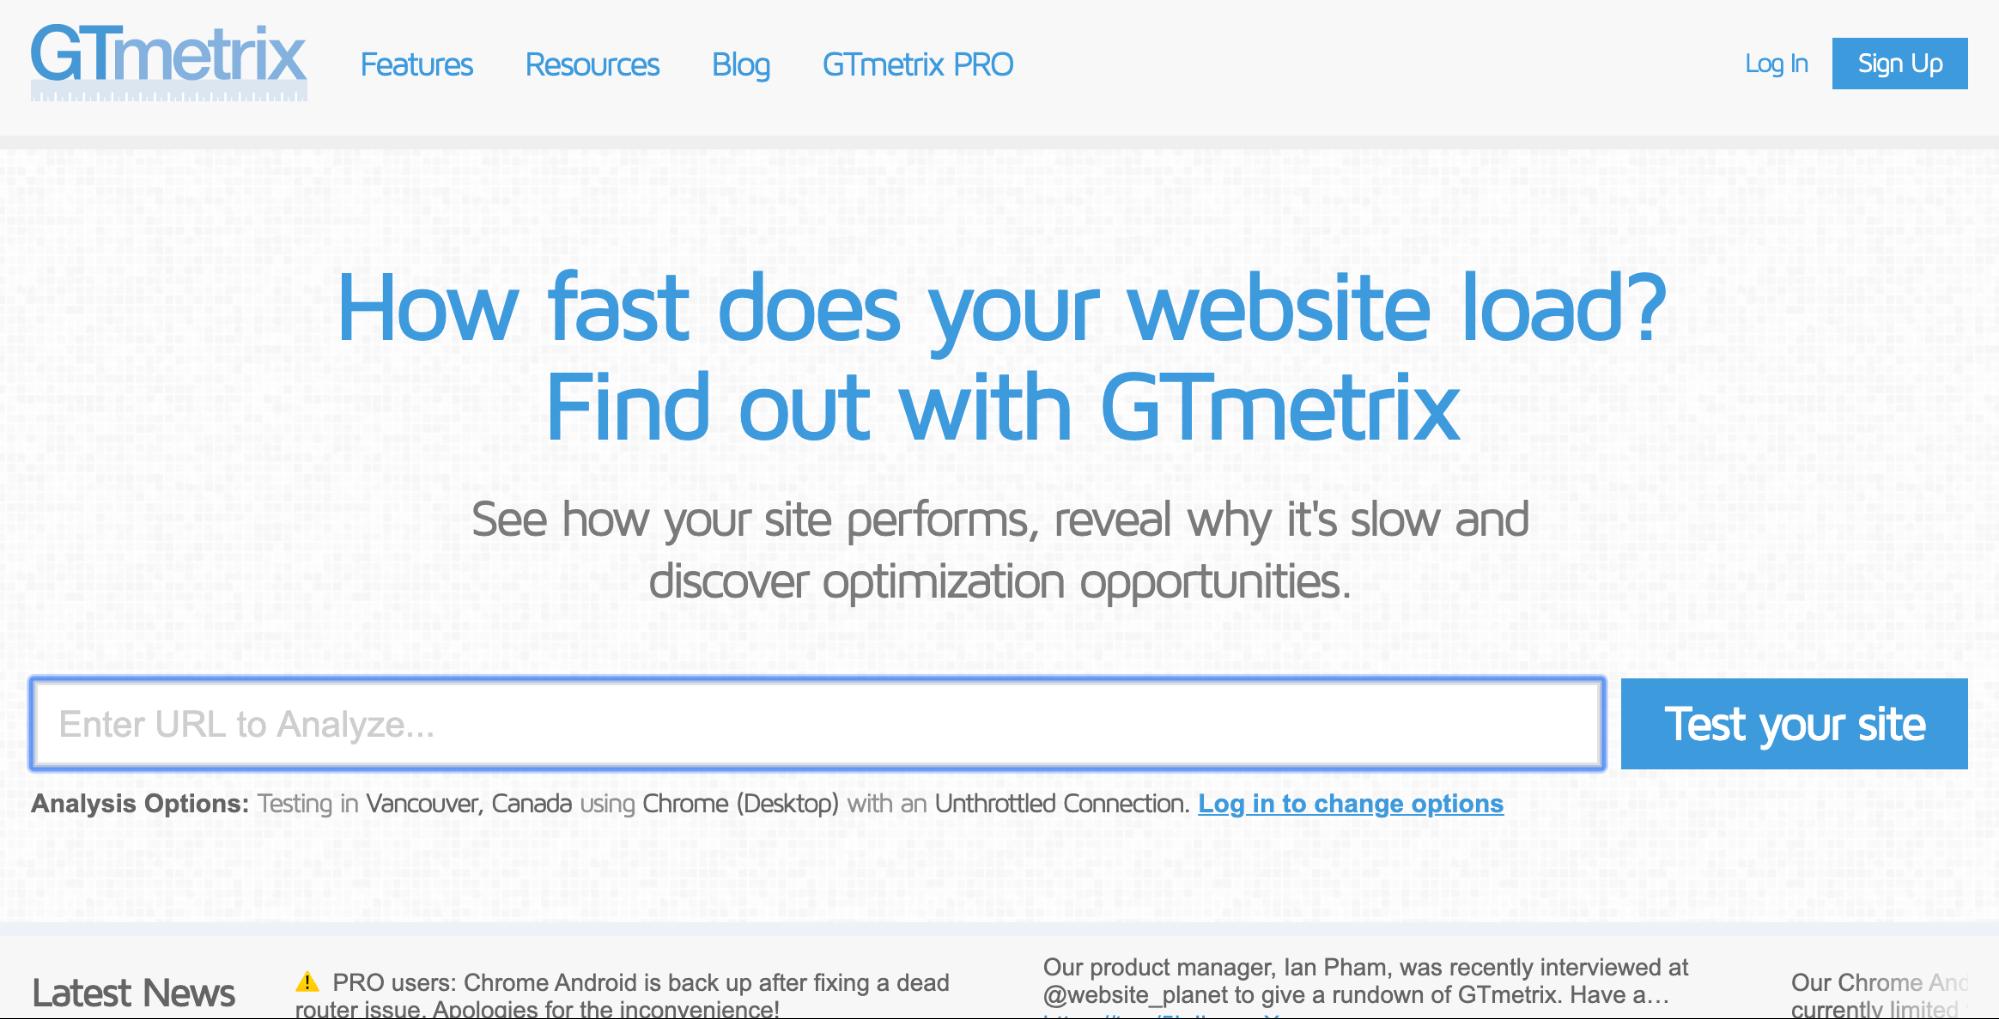 website performance tool